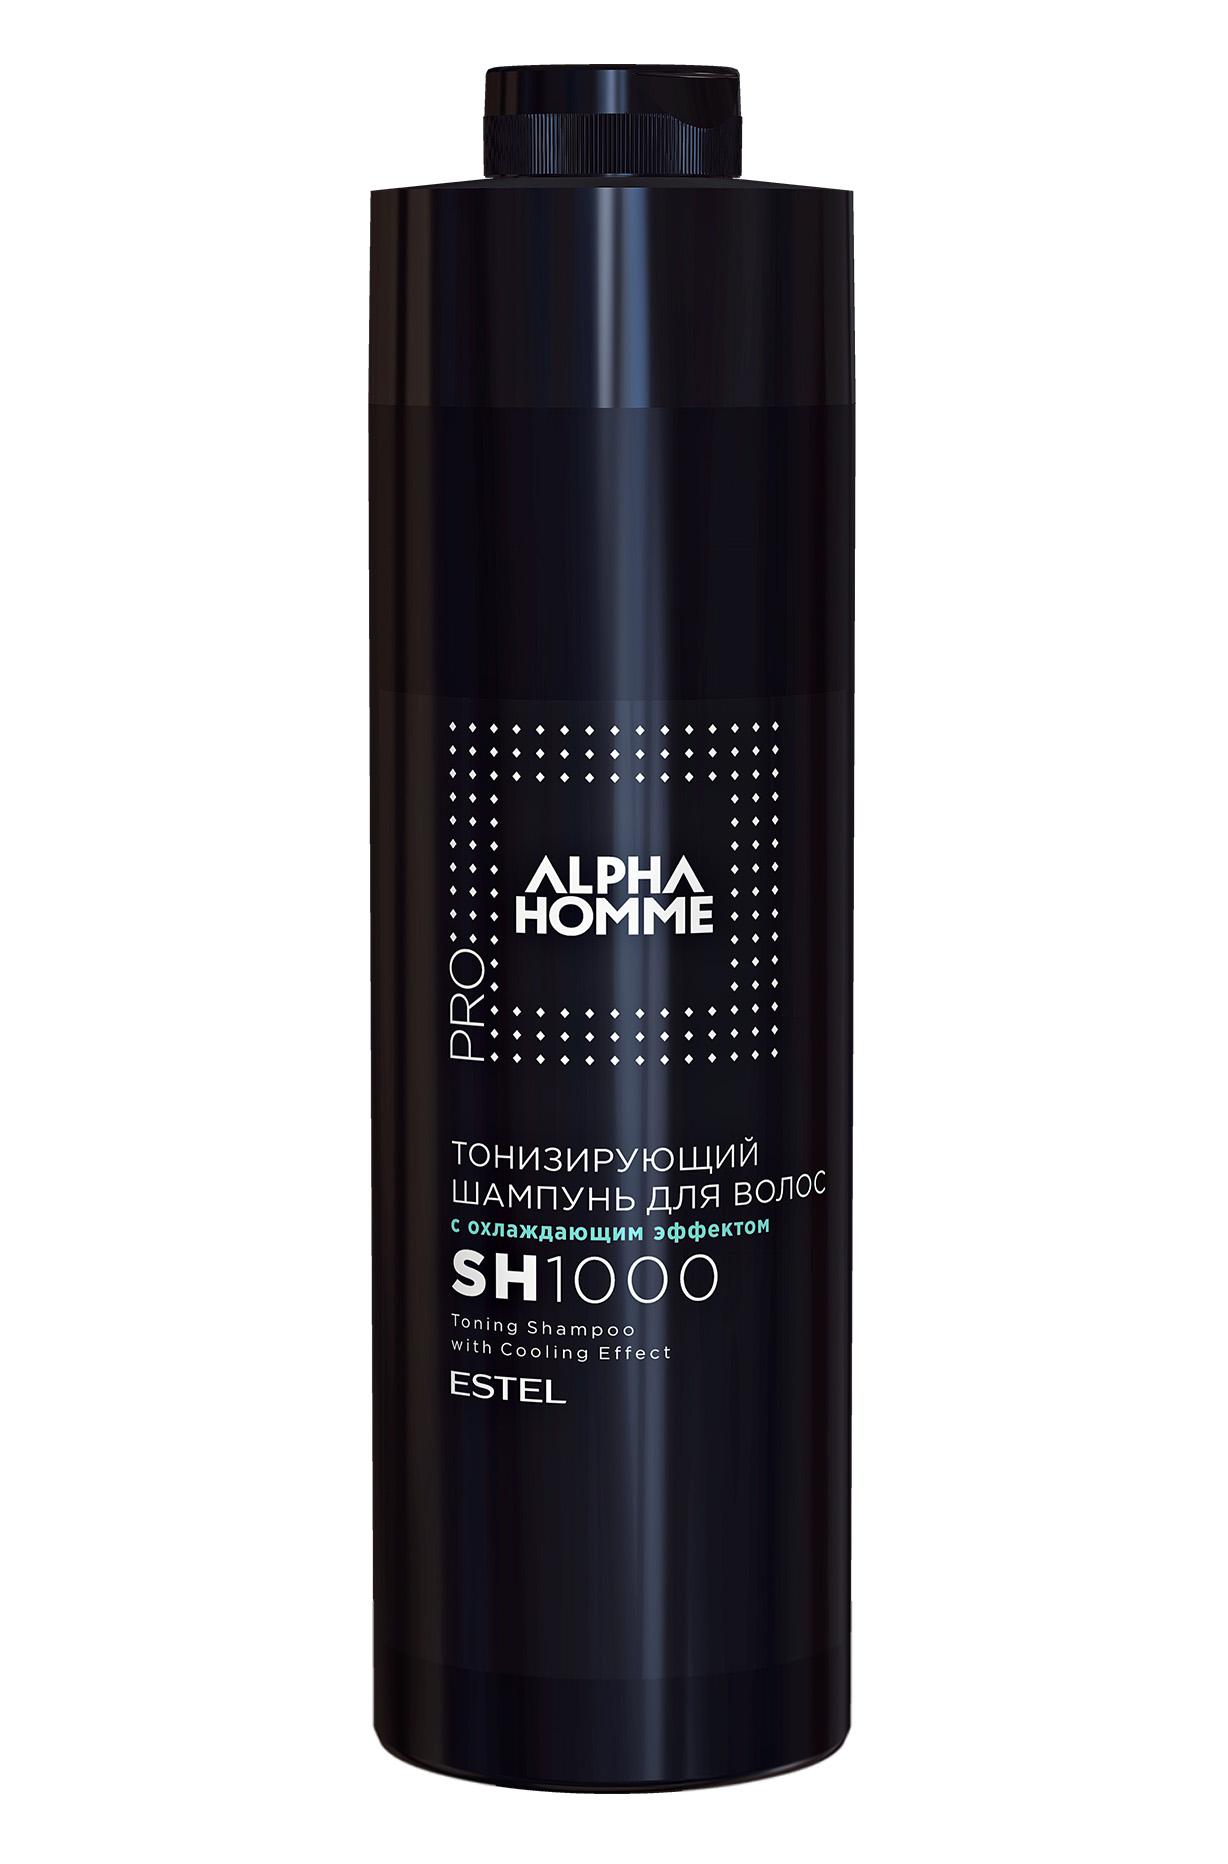 Купить со скидкой Alpha Homme Тонизирующий Шампунь Для Волос СОхлаждающим Эффектом